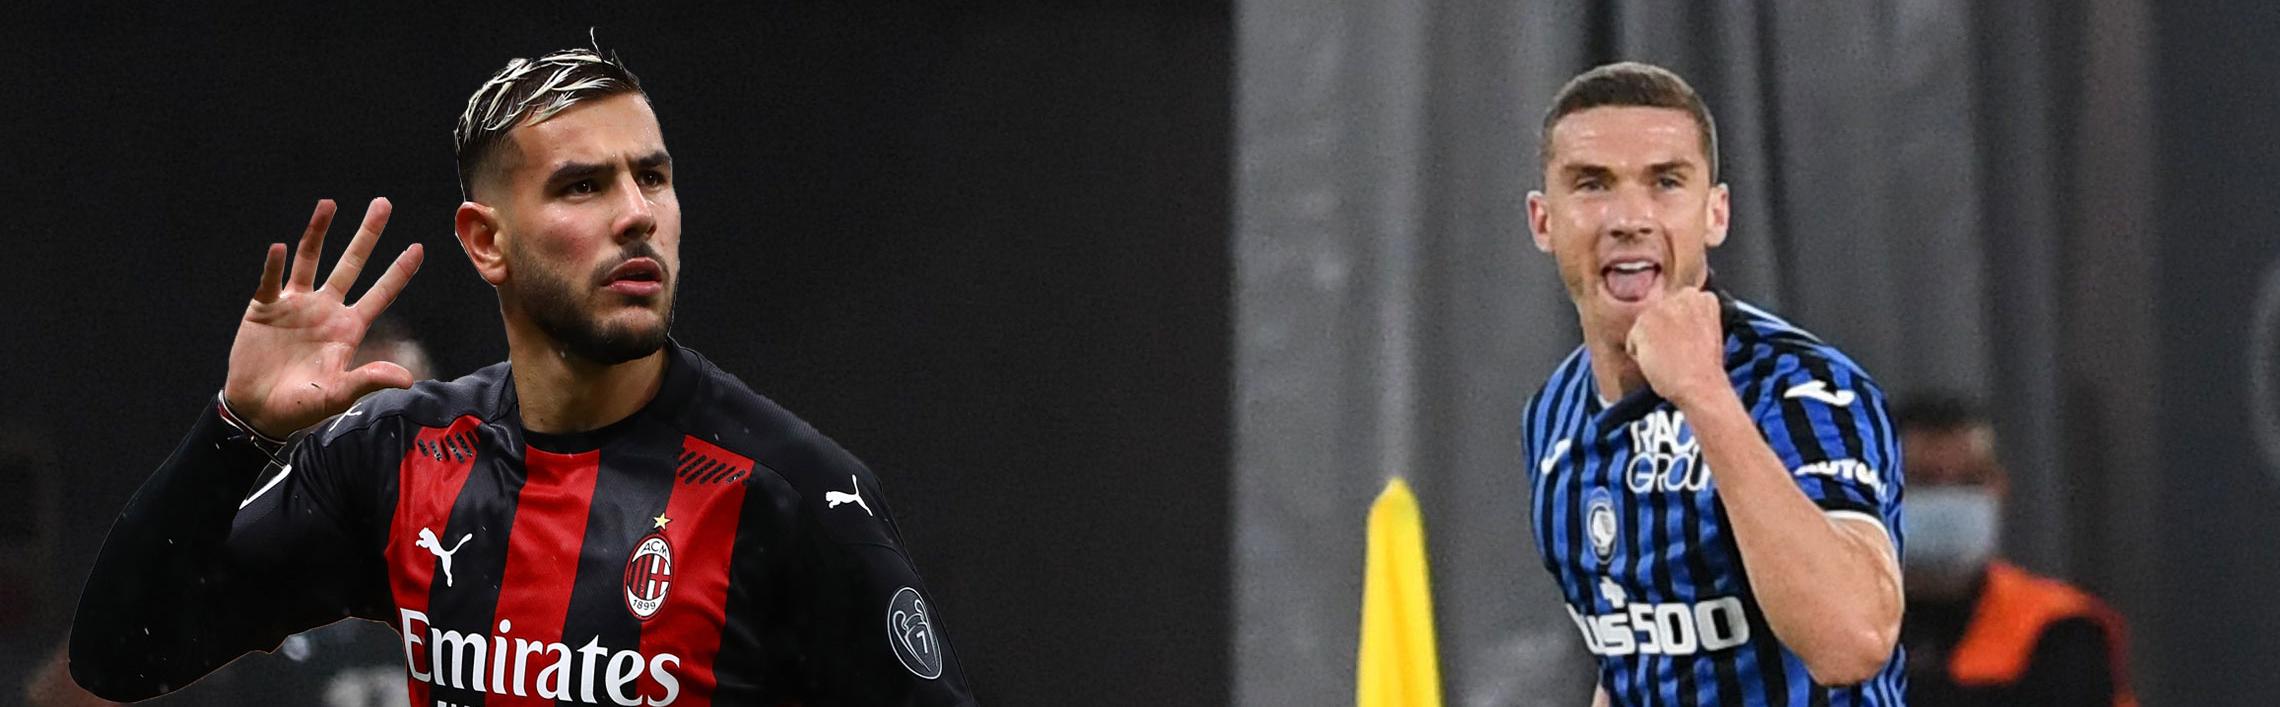 Difensori goleador: Robin Gosens vs Theo Hernández, chi segnerà di più in questa Serie A?